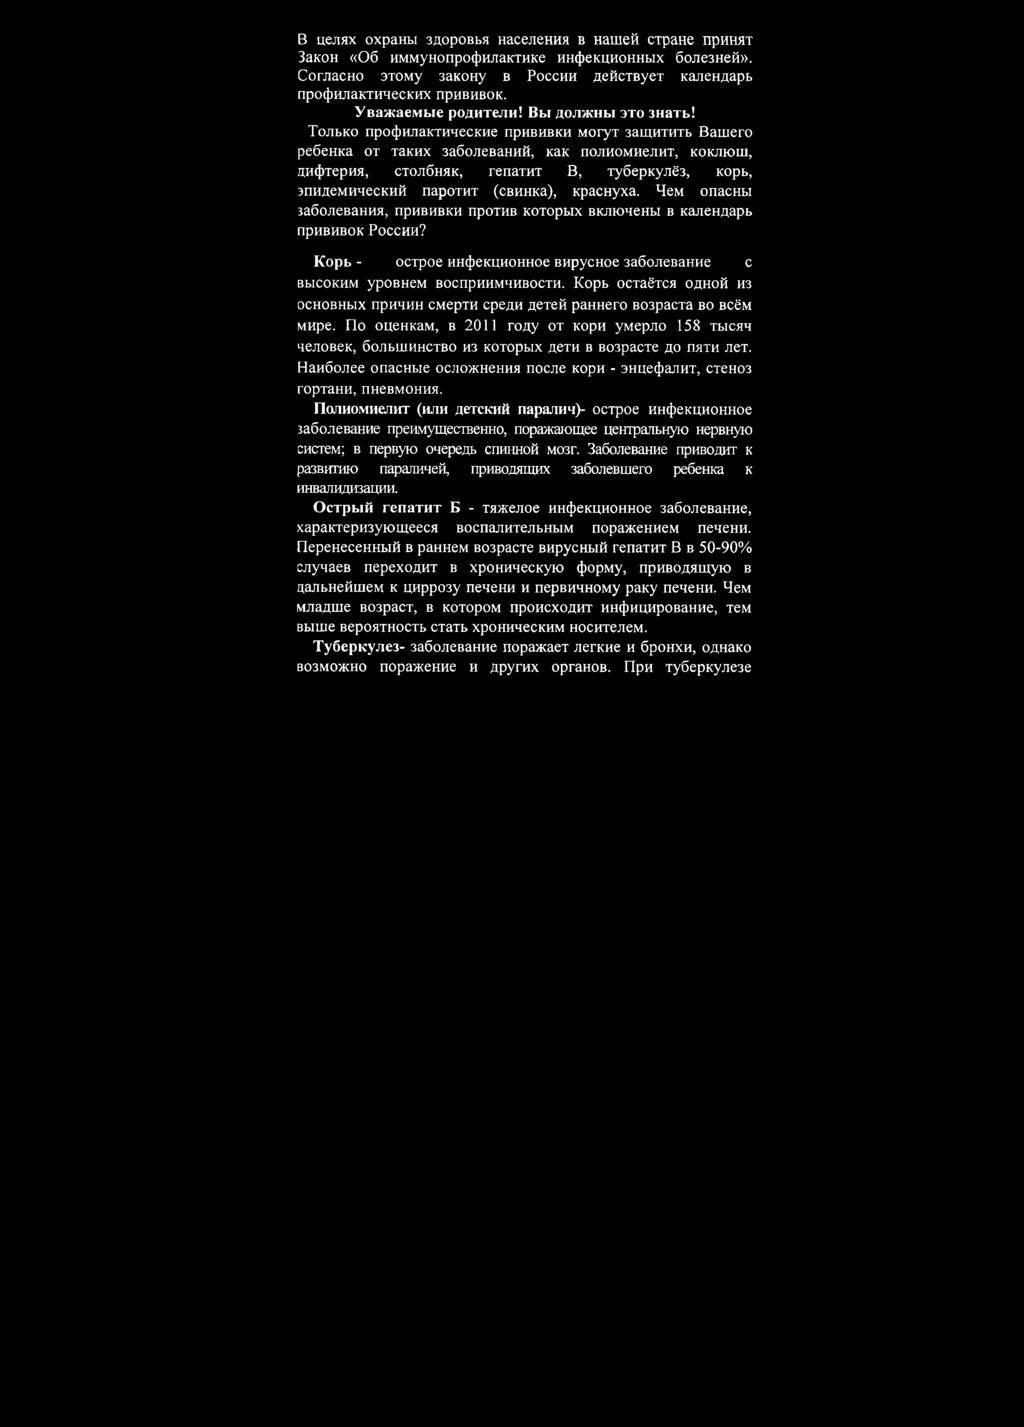 Инфекция торч. торч-инфекции при беременности. торч-инфекции: расшифровка результатов